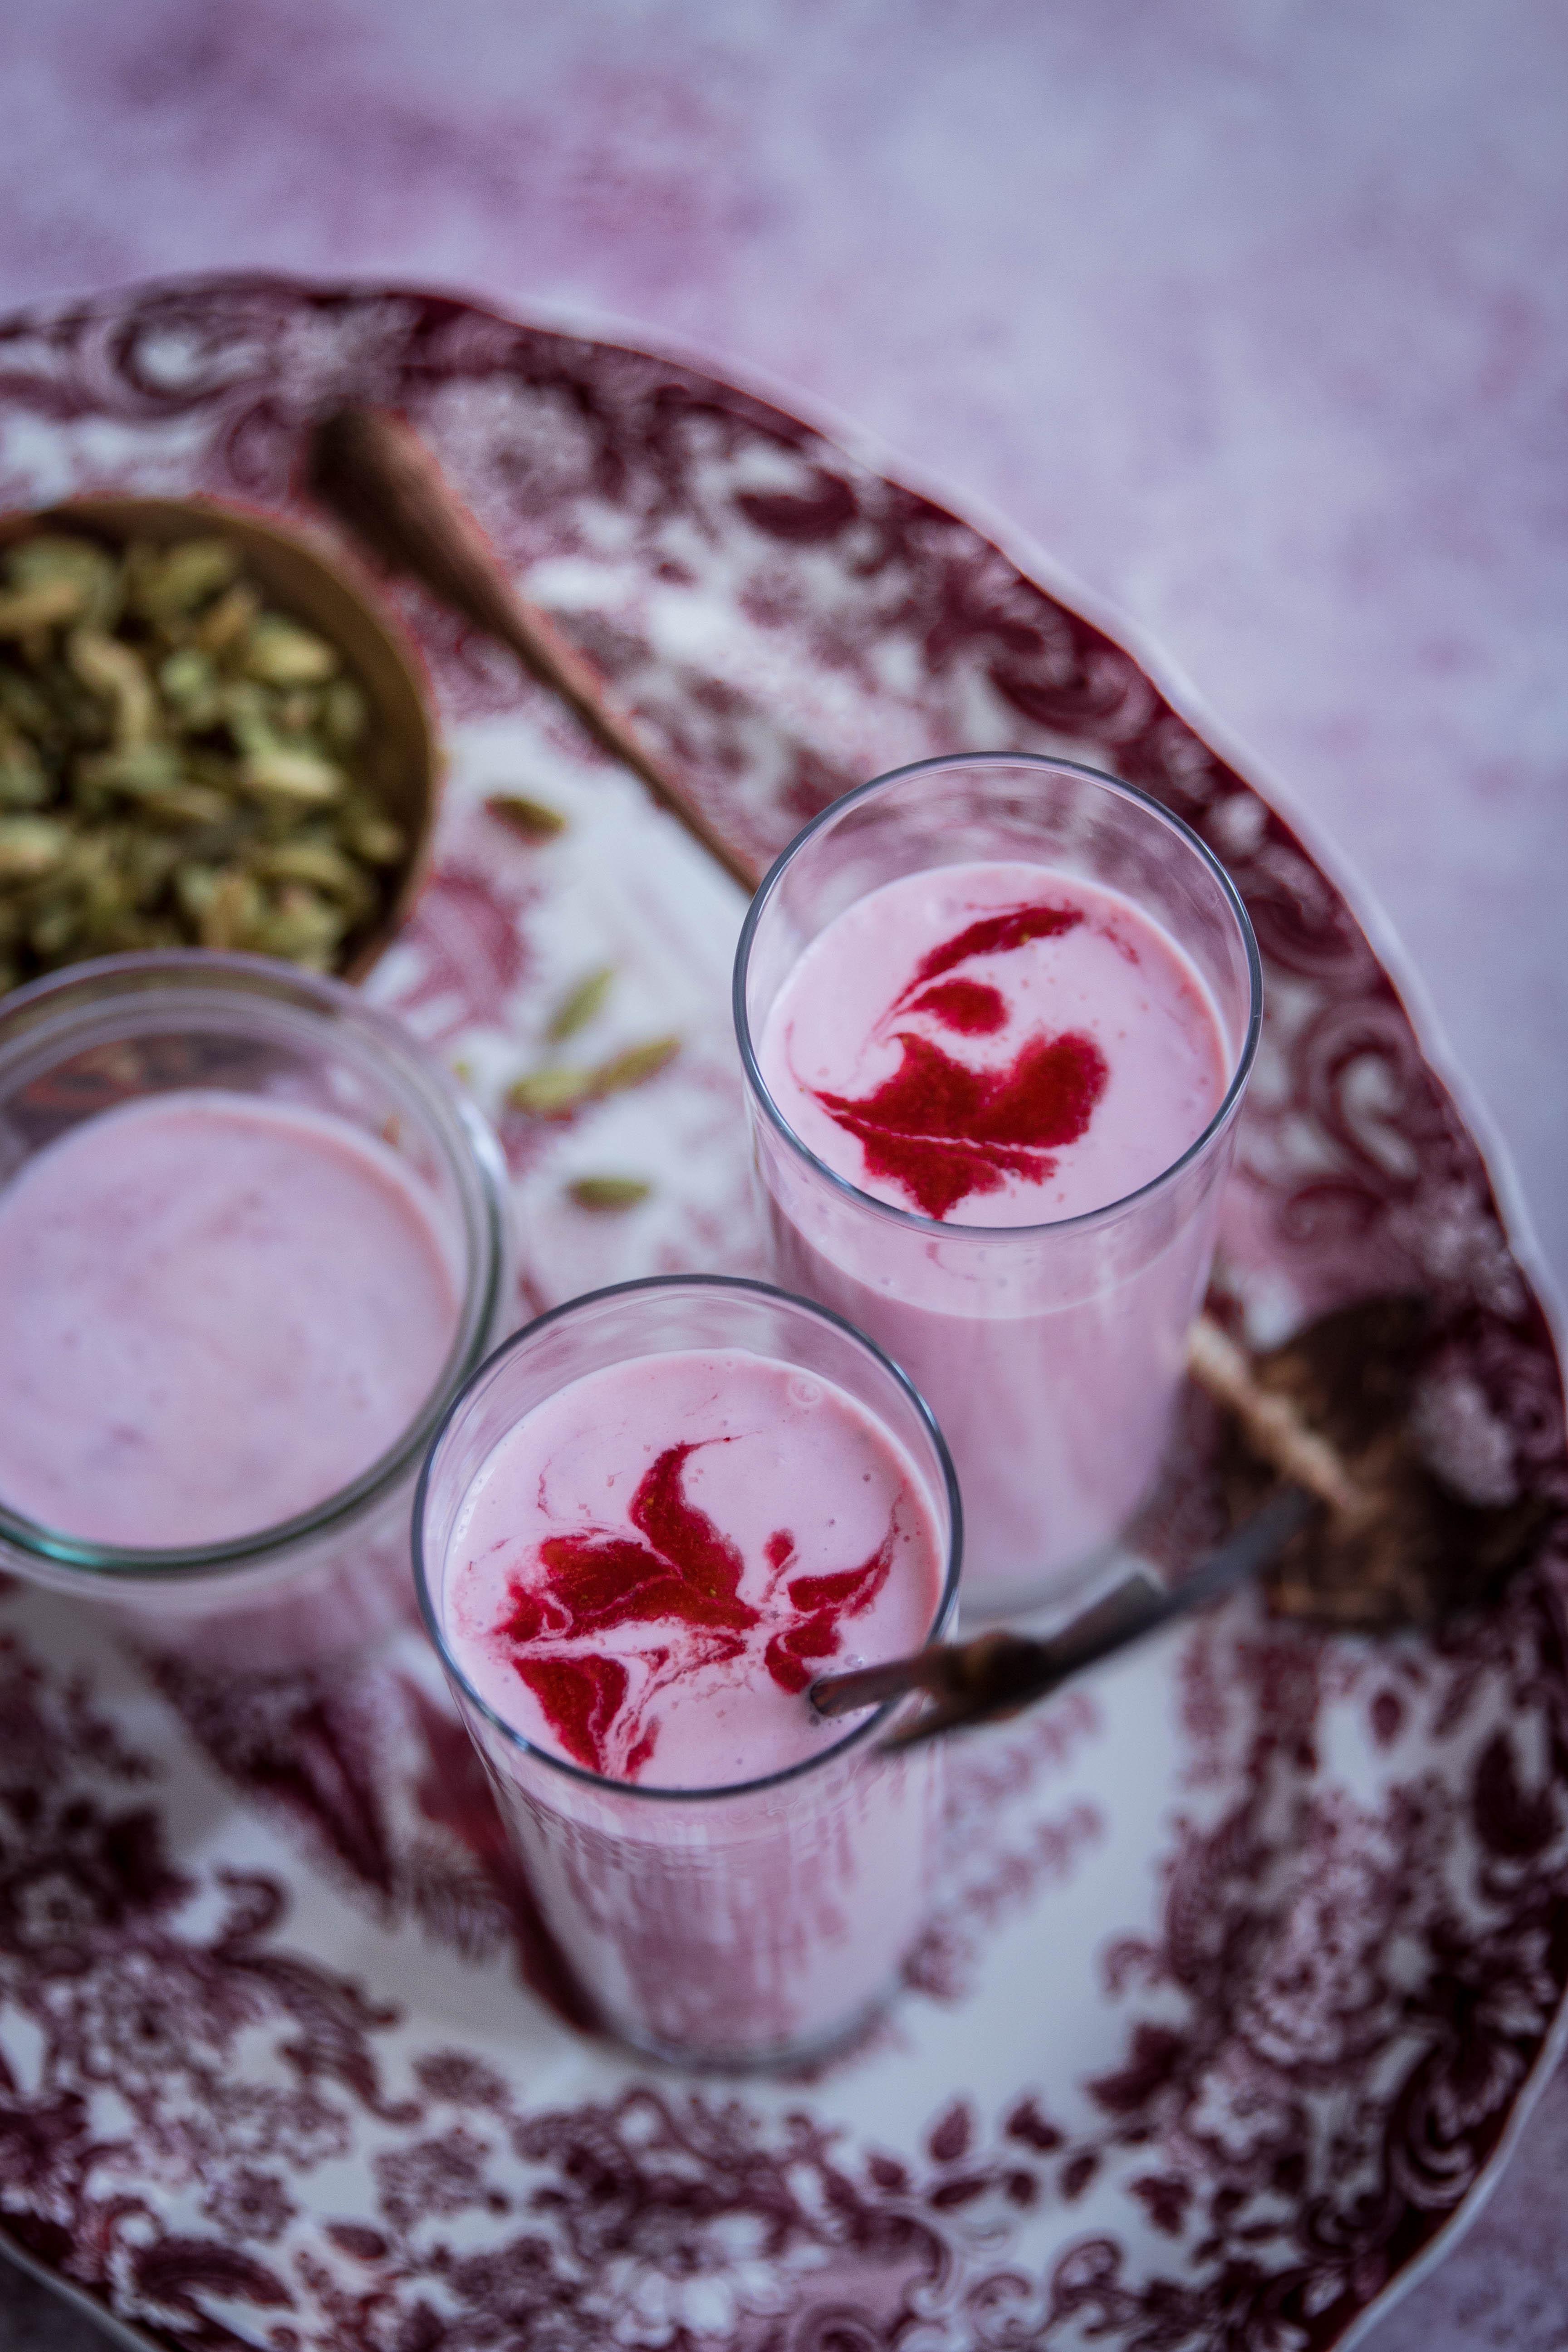 Lassis indien à la fraise, fleur d'oranger poivre et cardamome - drinks photography